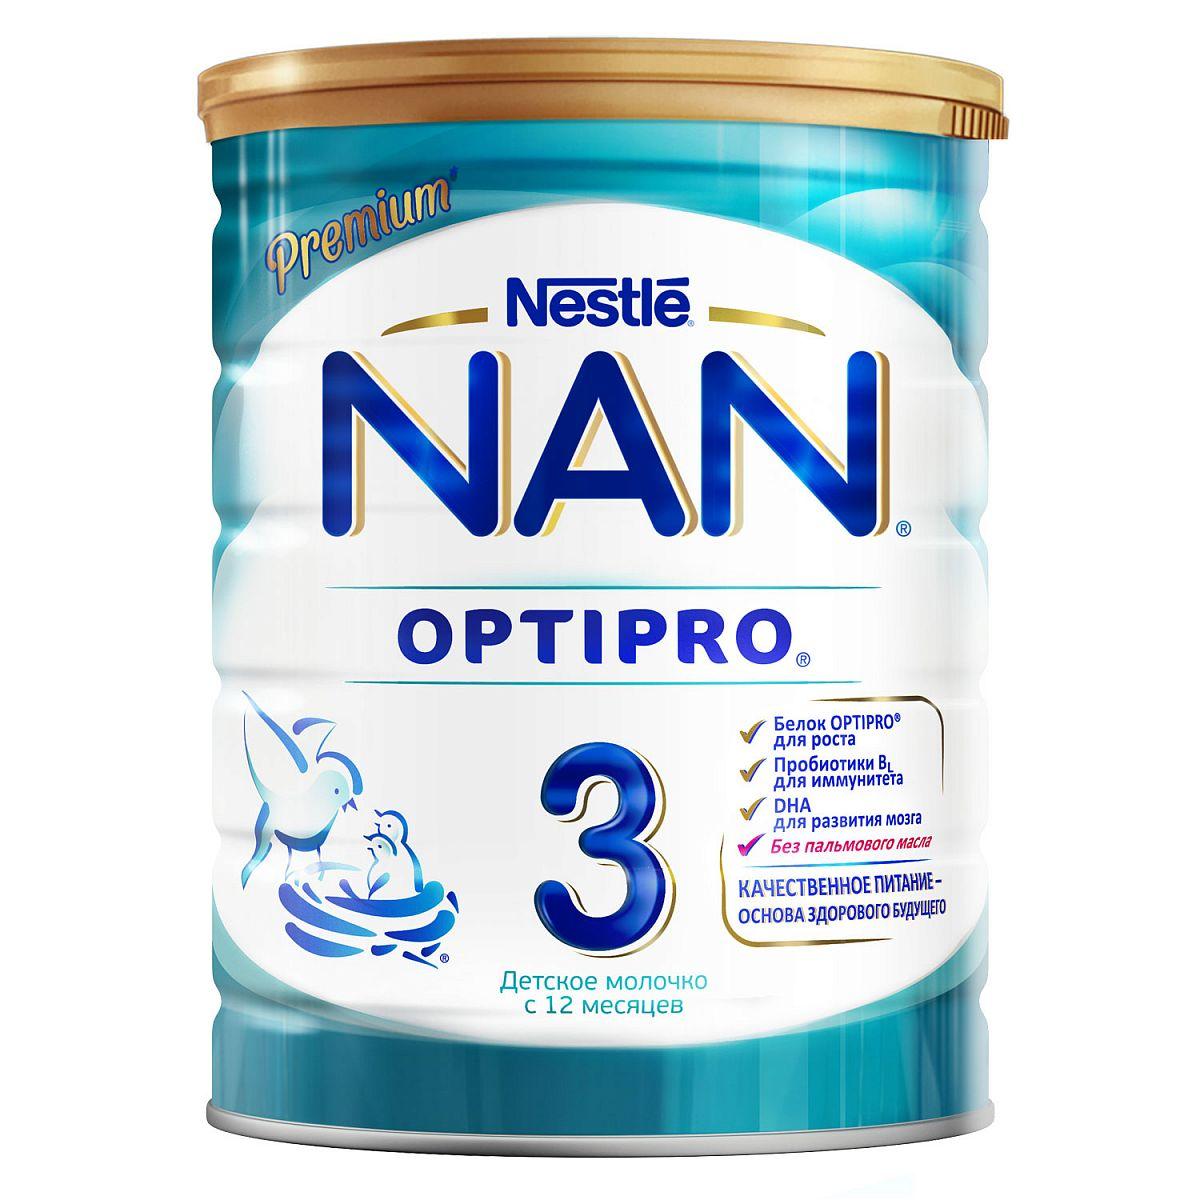 Фото - Детское молочко NAN 3 Optipro c 12 месяцев 800 г nan levinson outspoken